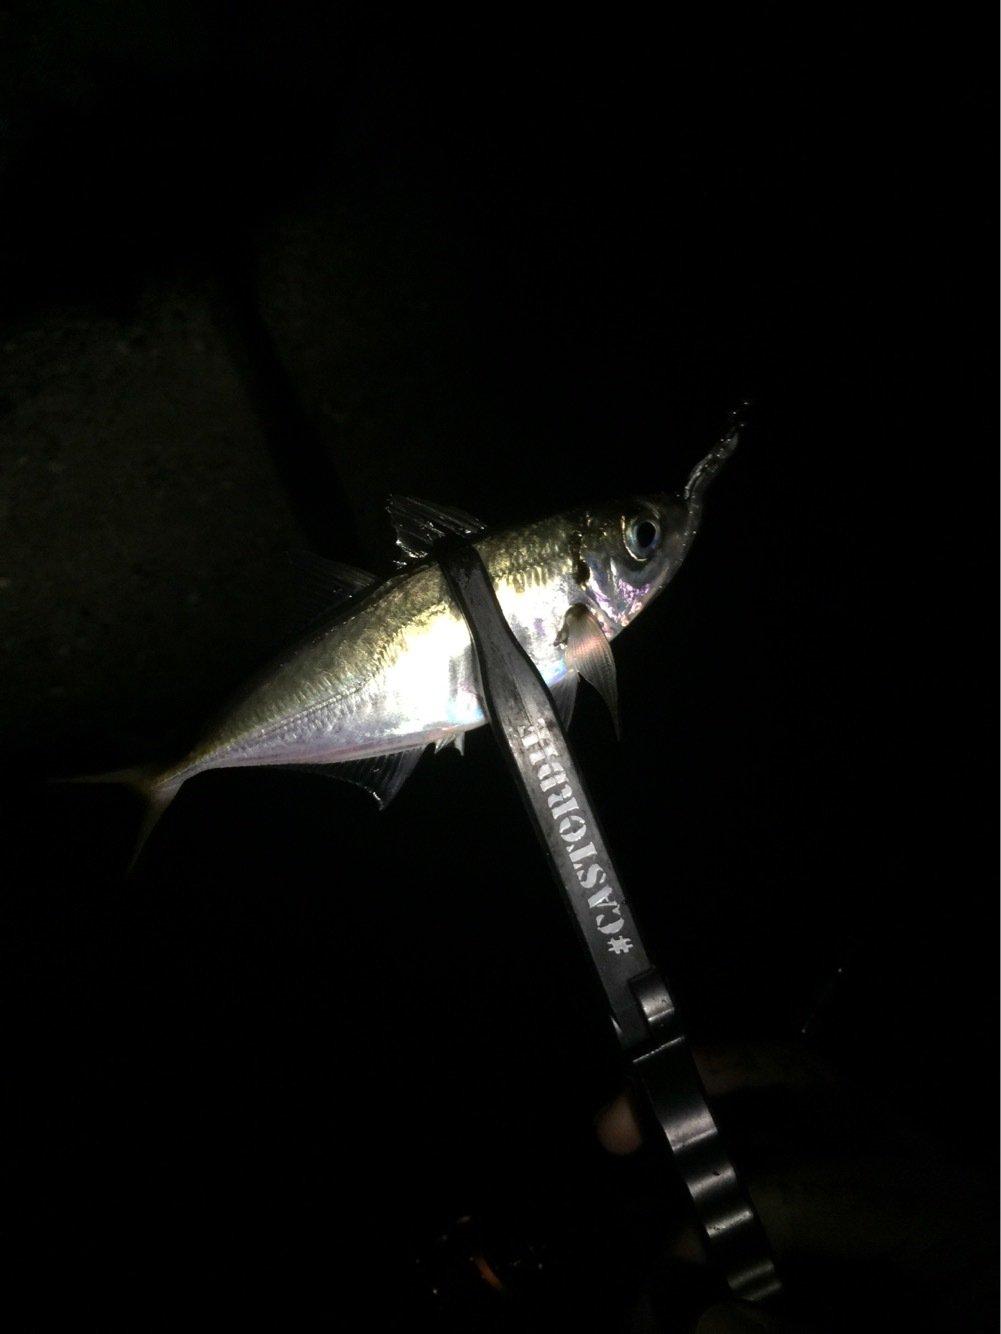 thegskさんの投稿画像,写っている魚はアジ